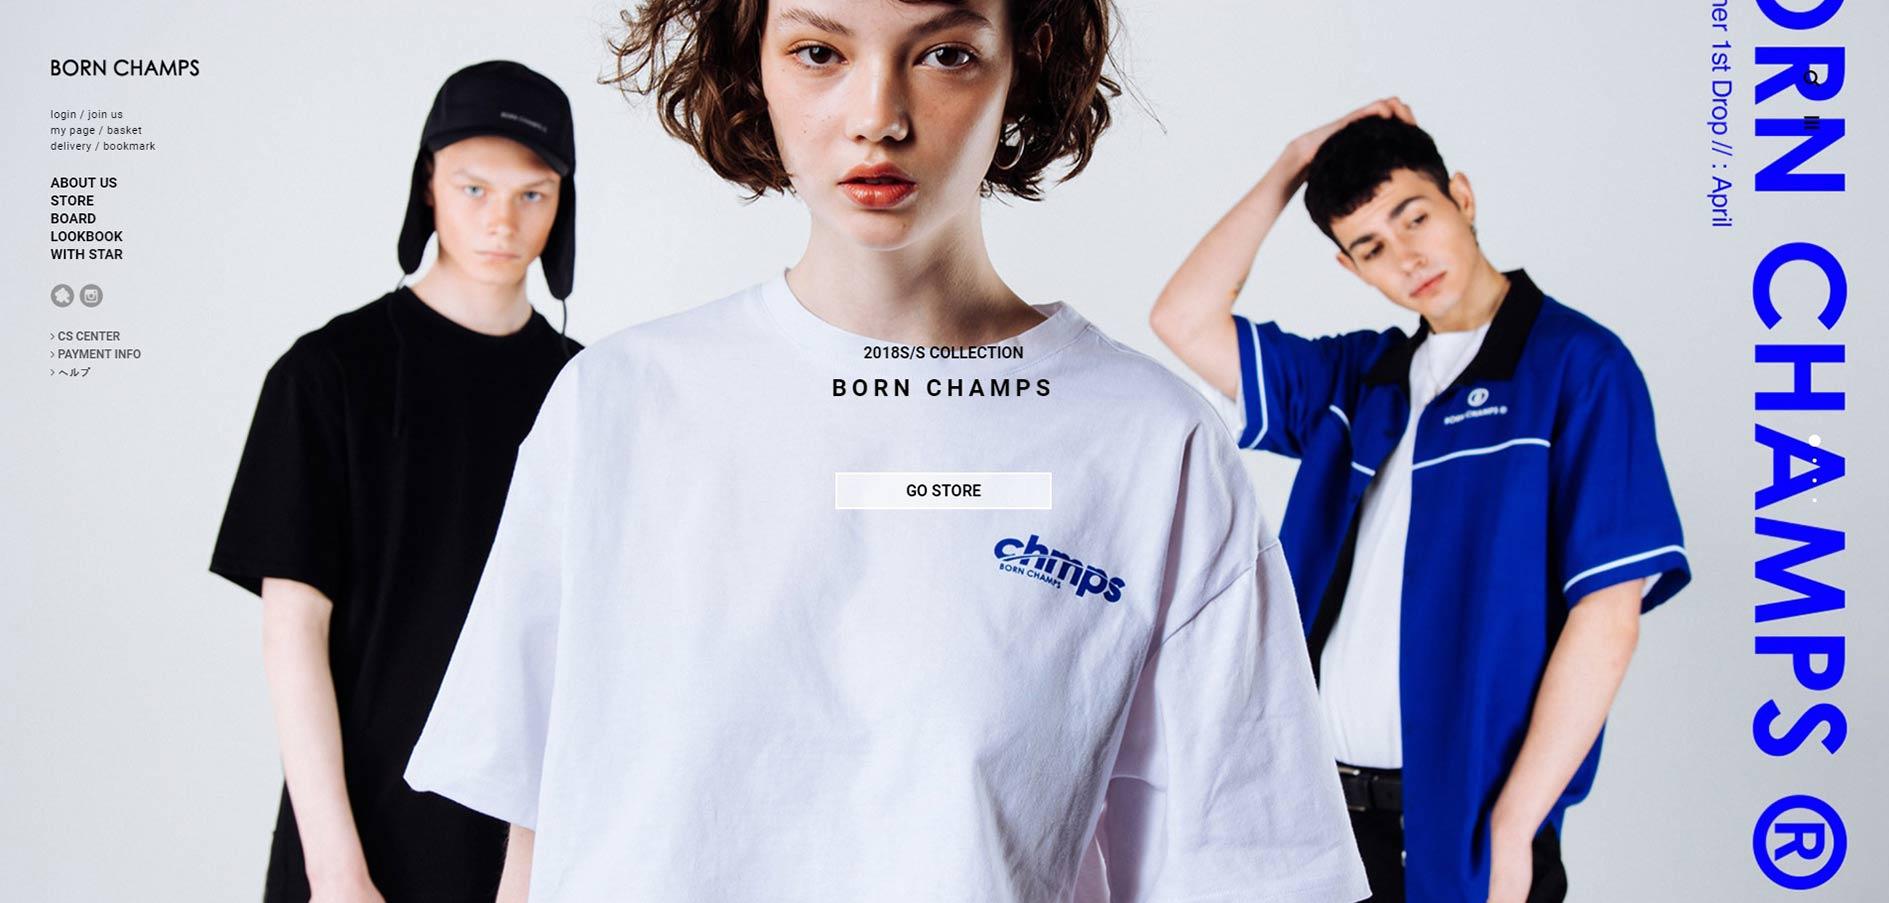 オシャレ男子に人気のメンズ韓国服(オルチャンファッション)通販サイトbornchamps